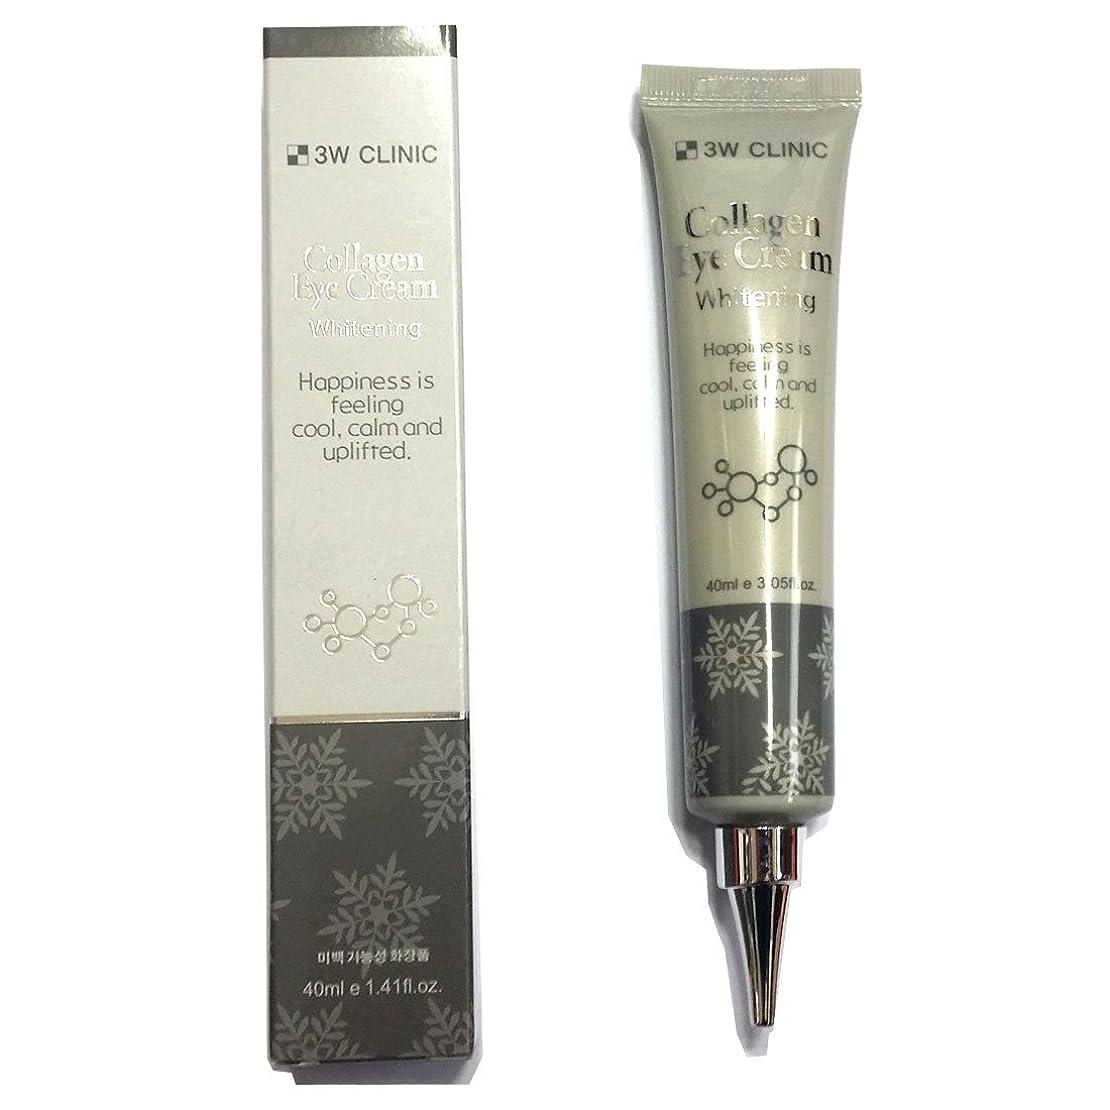 一掃する検証艦隊[3W CLINIC] コラーゲンアイクリームホワイトニング40ml X 1ea / Collagen Eye Cream Whitening 40ml X 1ea / しっとりしっとり / Anti wrinkles, moist / 韓国化粧品 / Korean Cosmetics [並行輸入品]